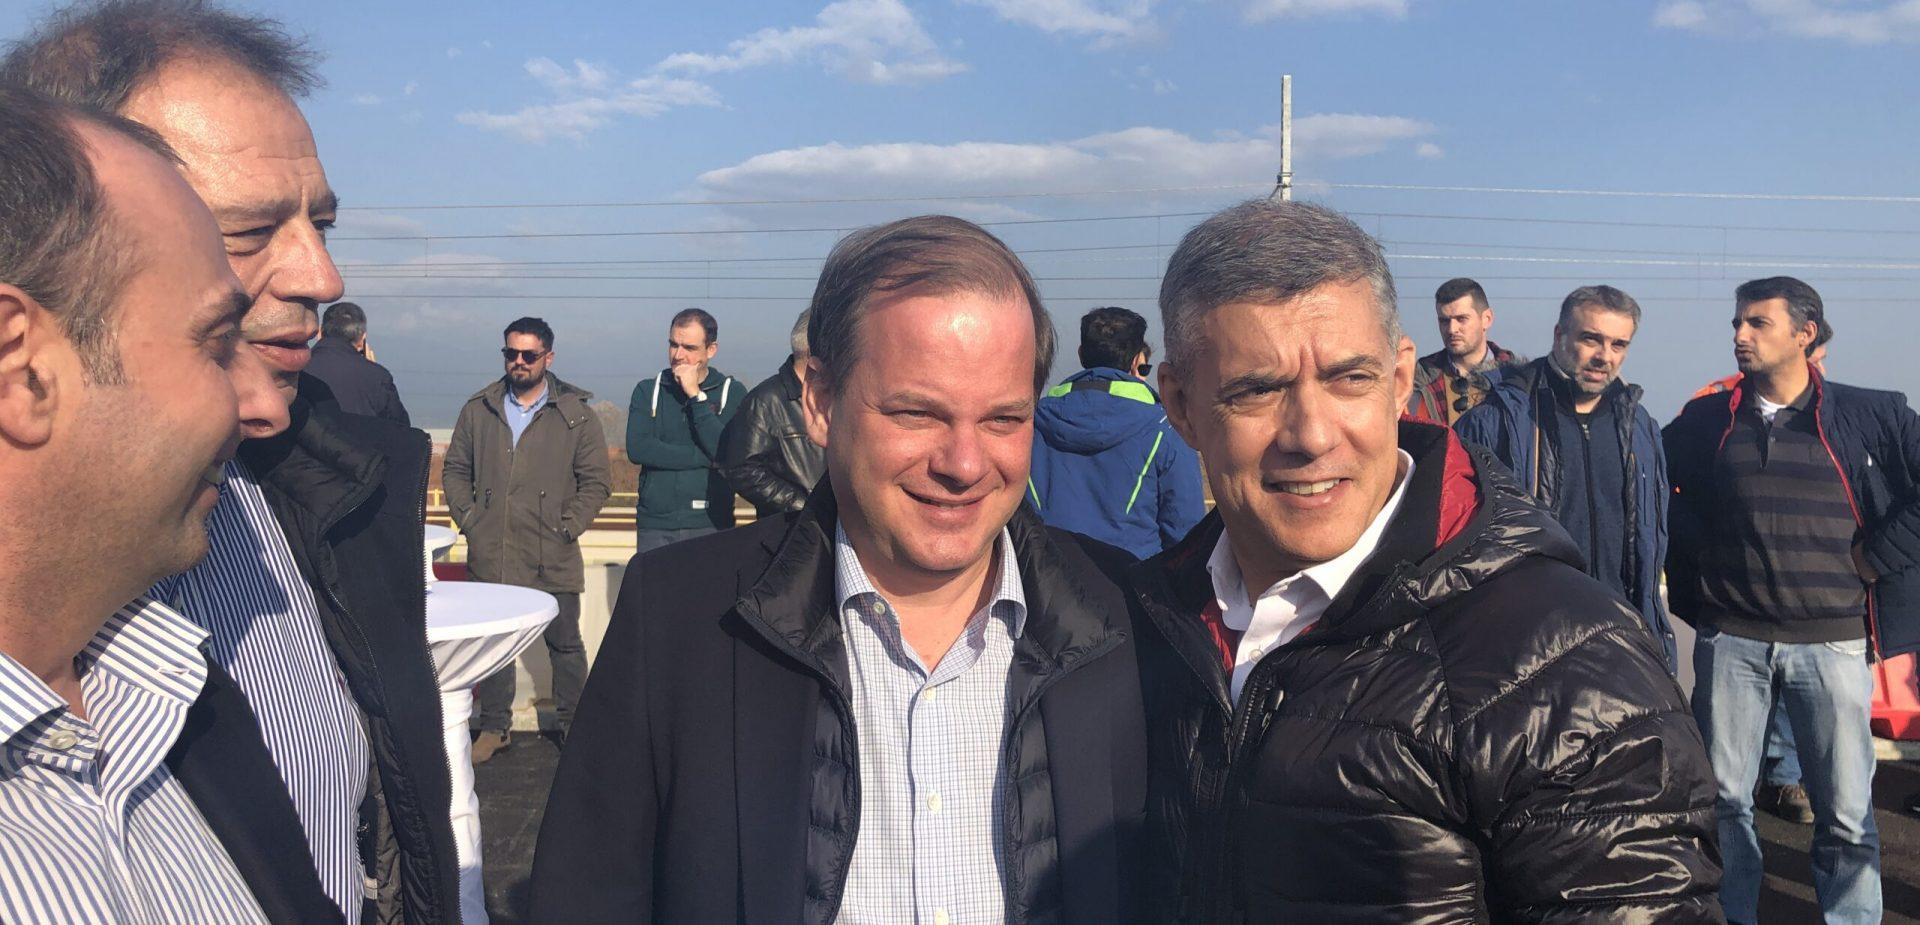 Επίσκεψη υπουργού Υποδομών Κ. Καραμανλή στη Θεσσαλία